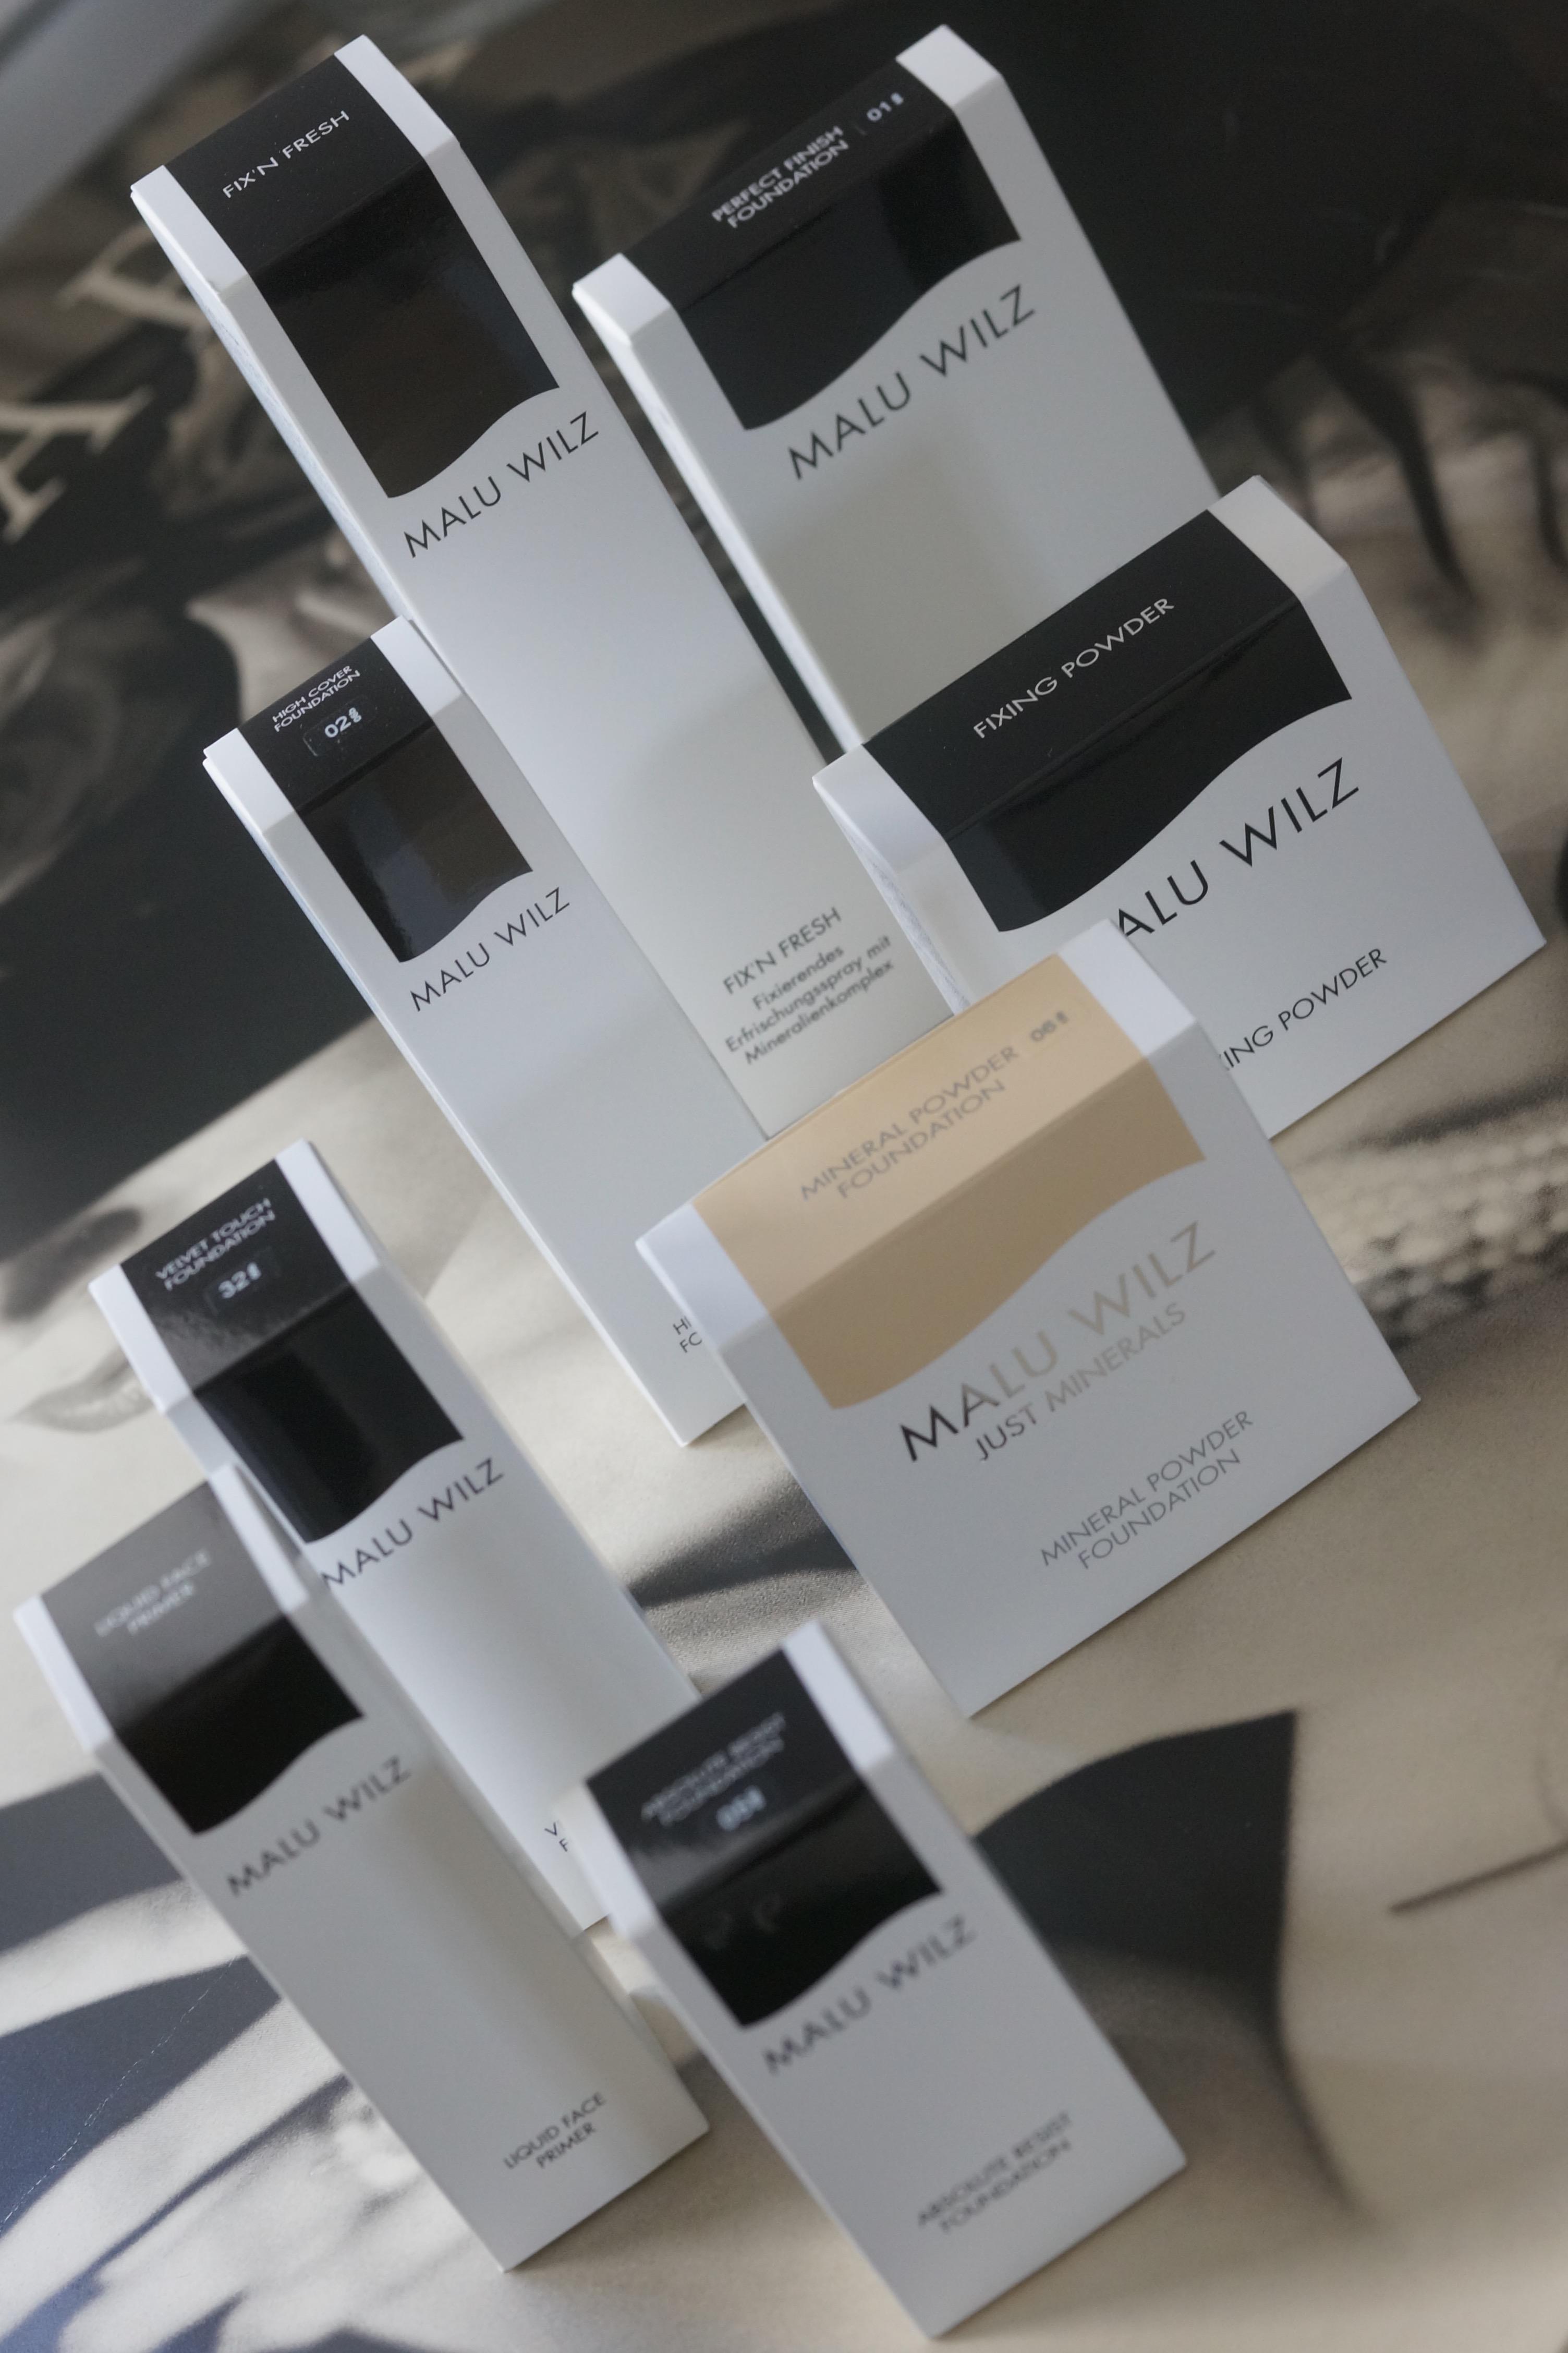 Alle Fragen rund um das Thema Foundation beantwortet die Schminktante in Zusammenarbeit mit der Beautymarke Malu Wilz.